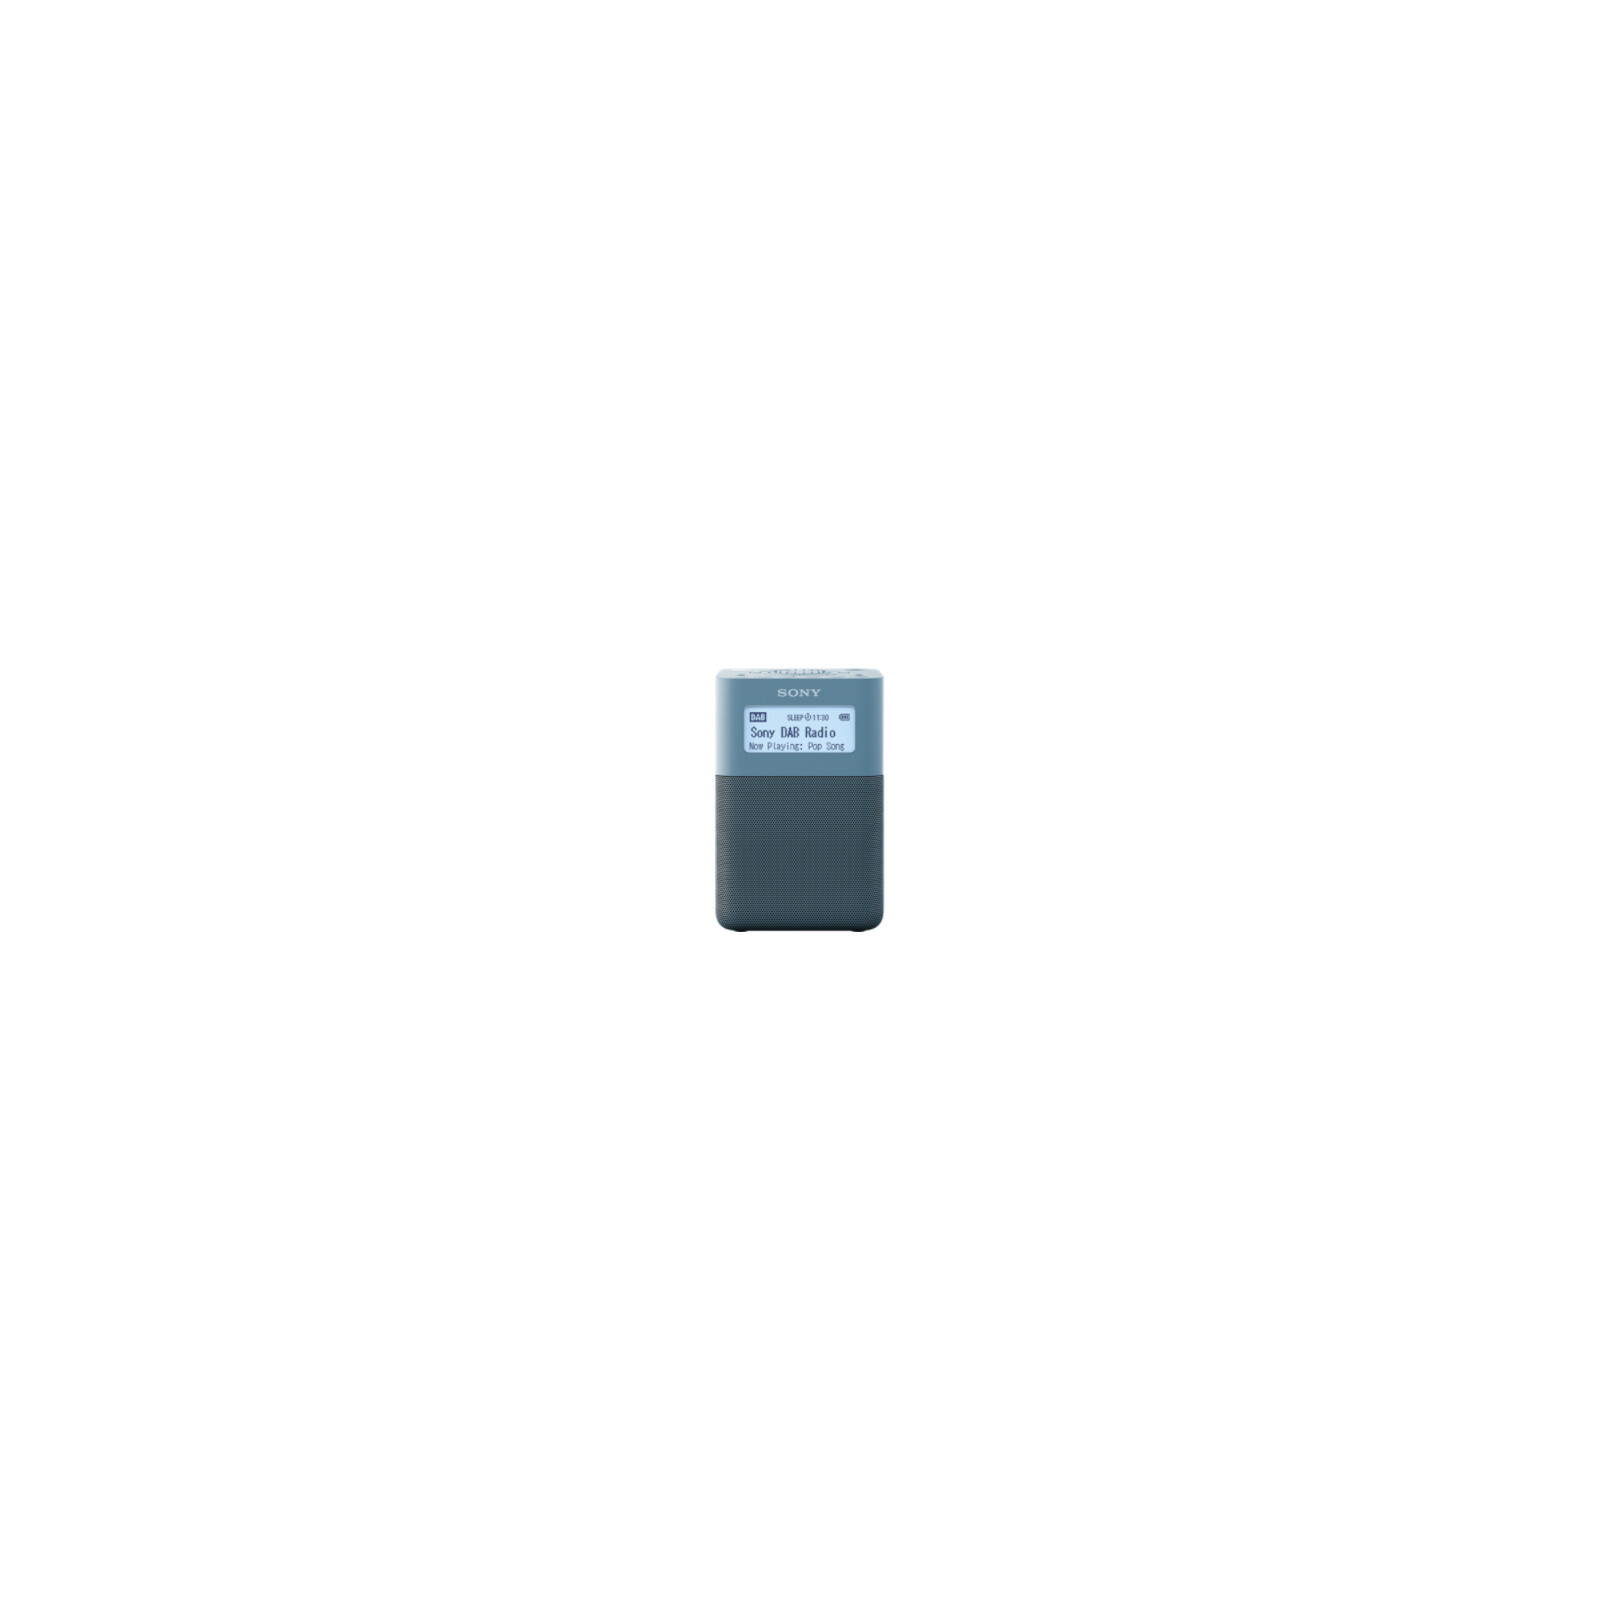 Sony XDR-V20DL Uhrenradio